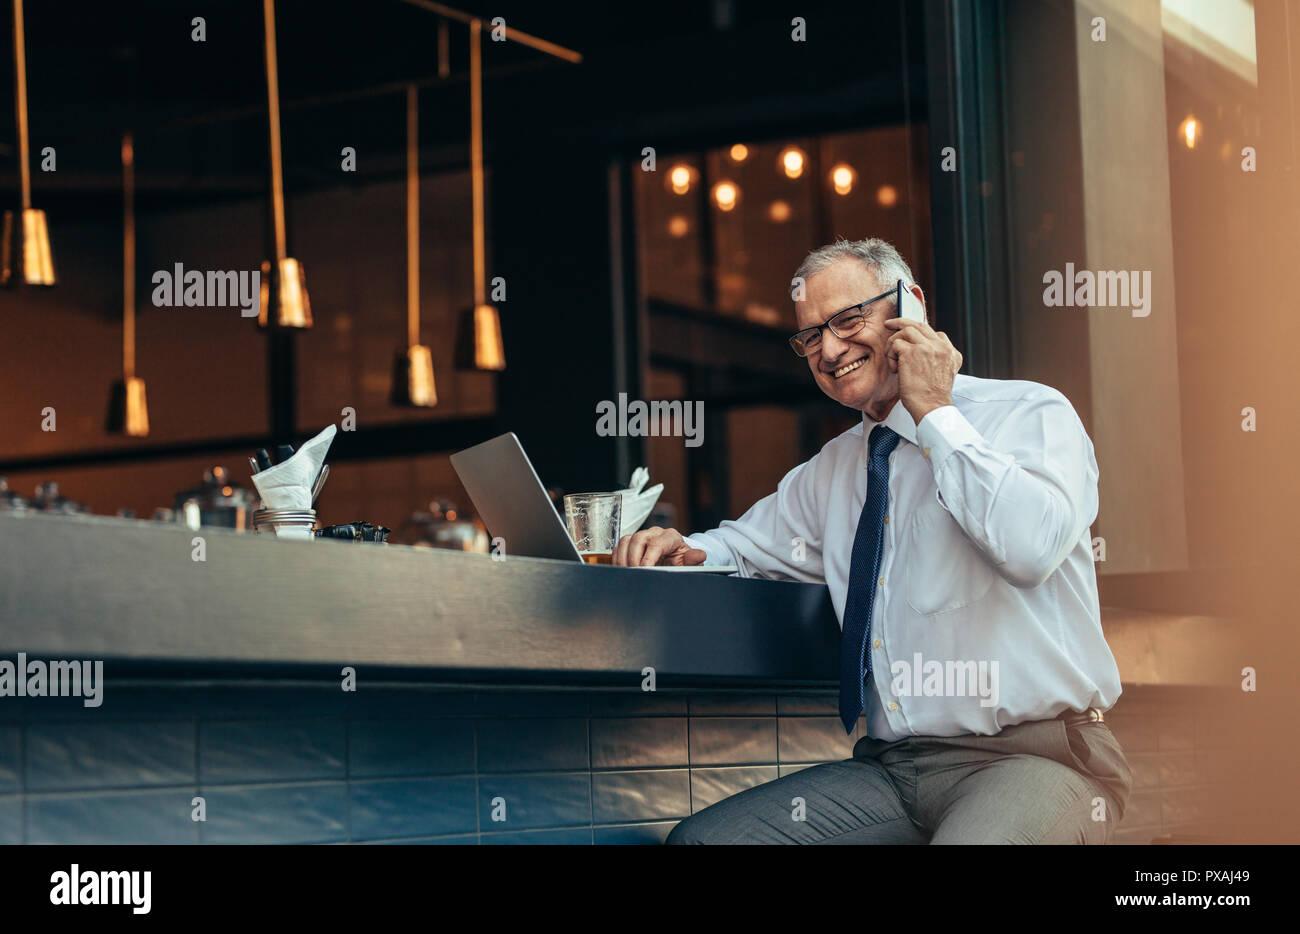 Senior sorridente uomo in abbigliamento formale seduti al banco bar con laptop parlando al cellulare. Felice coppia imprenditore facendo una telefonata dal bar cou Immagini Stock